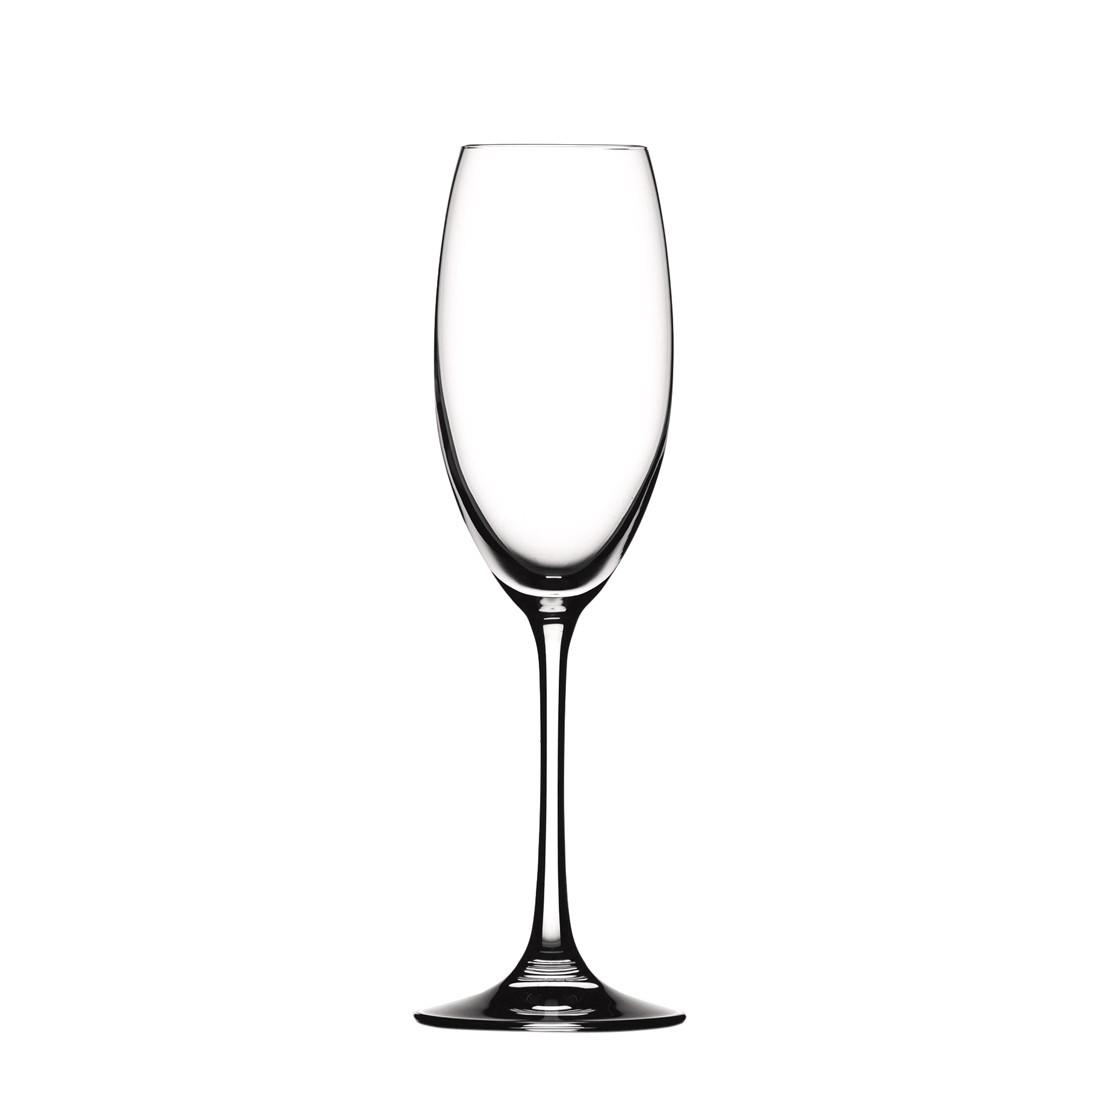 VinoGrande Champagnerkelch 2er-Set, Spiegelau günstig